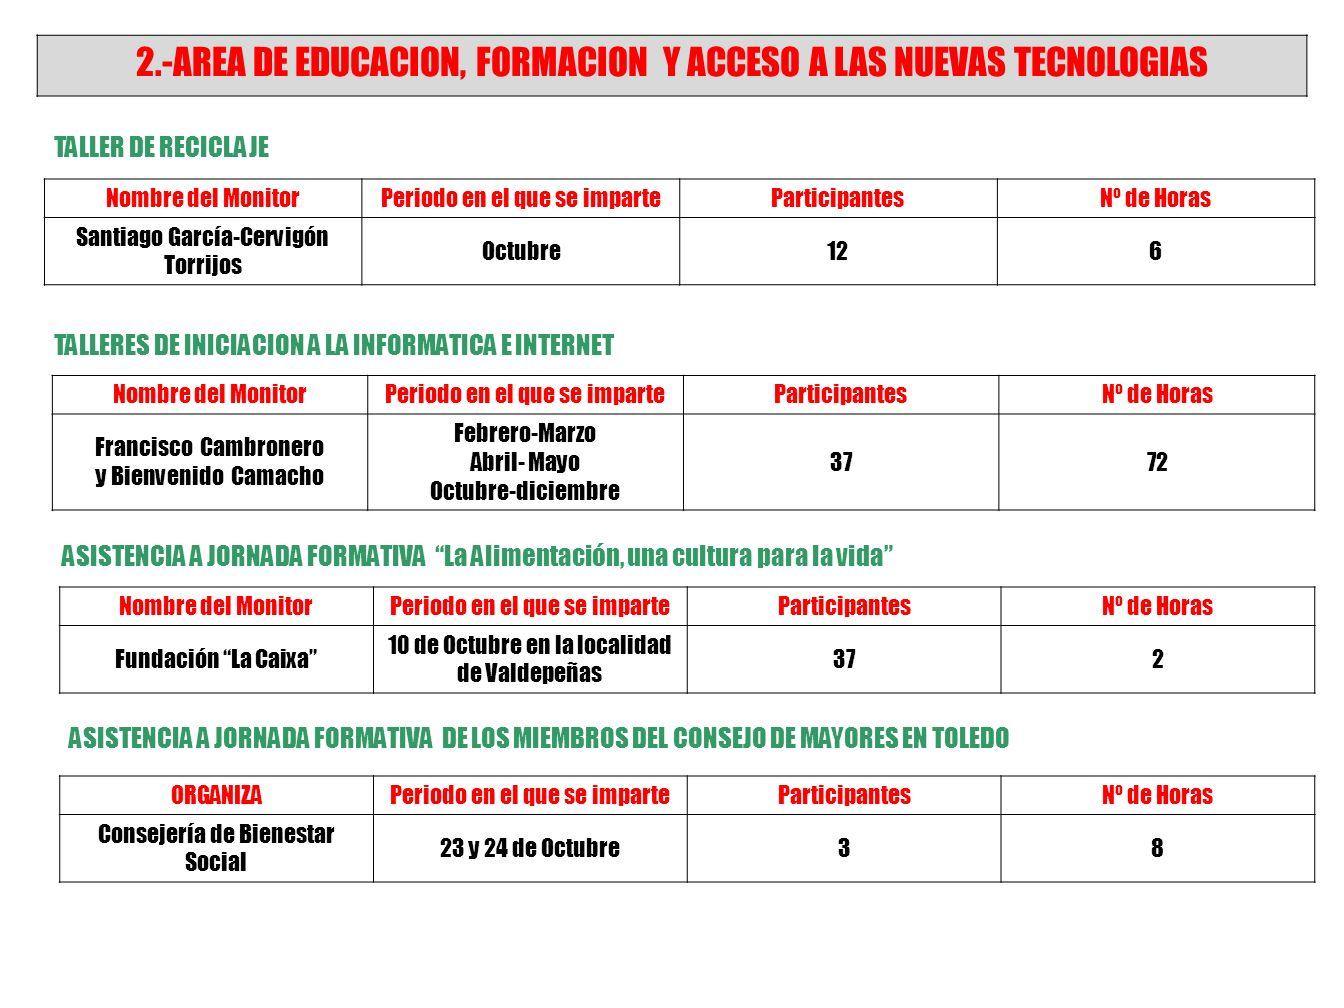 2.-AREA DE EDUCACION, FORMACION Y ACCESO A LAS NUEVAS TECNOLOGIAS